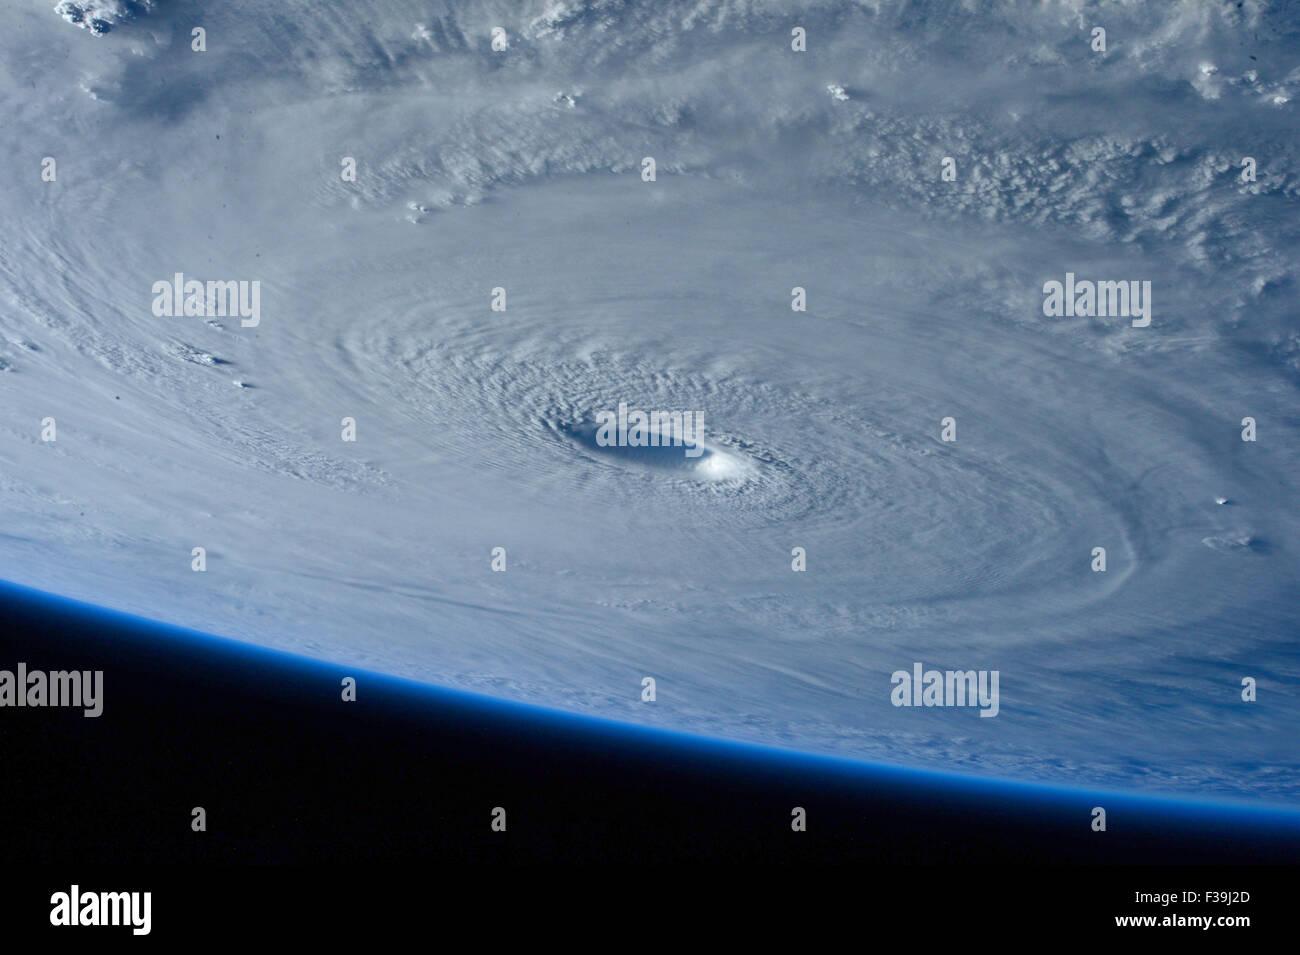 Taifun Maysak verstärkt in ein super-Taifun am 31. März erreichte Kategorie 5 Hurrikan-Status auf der Stockbild